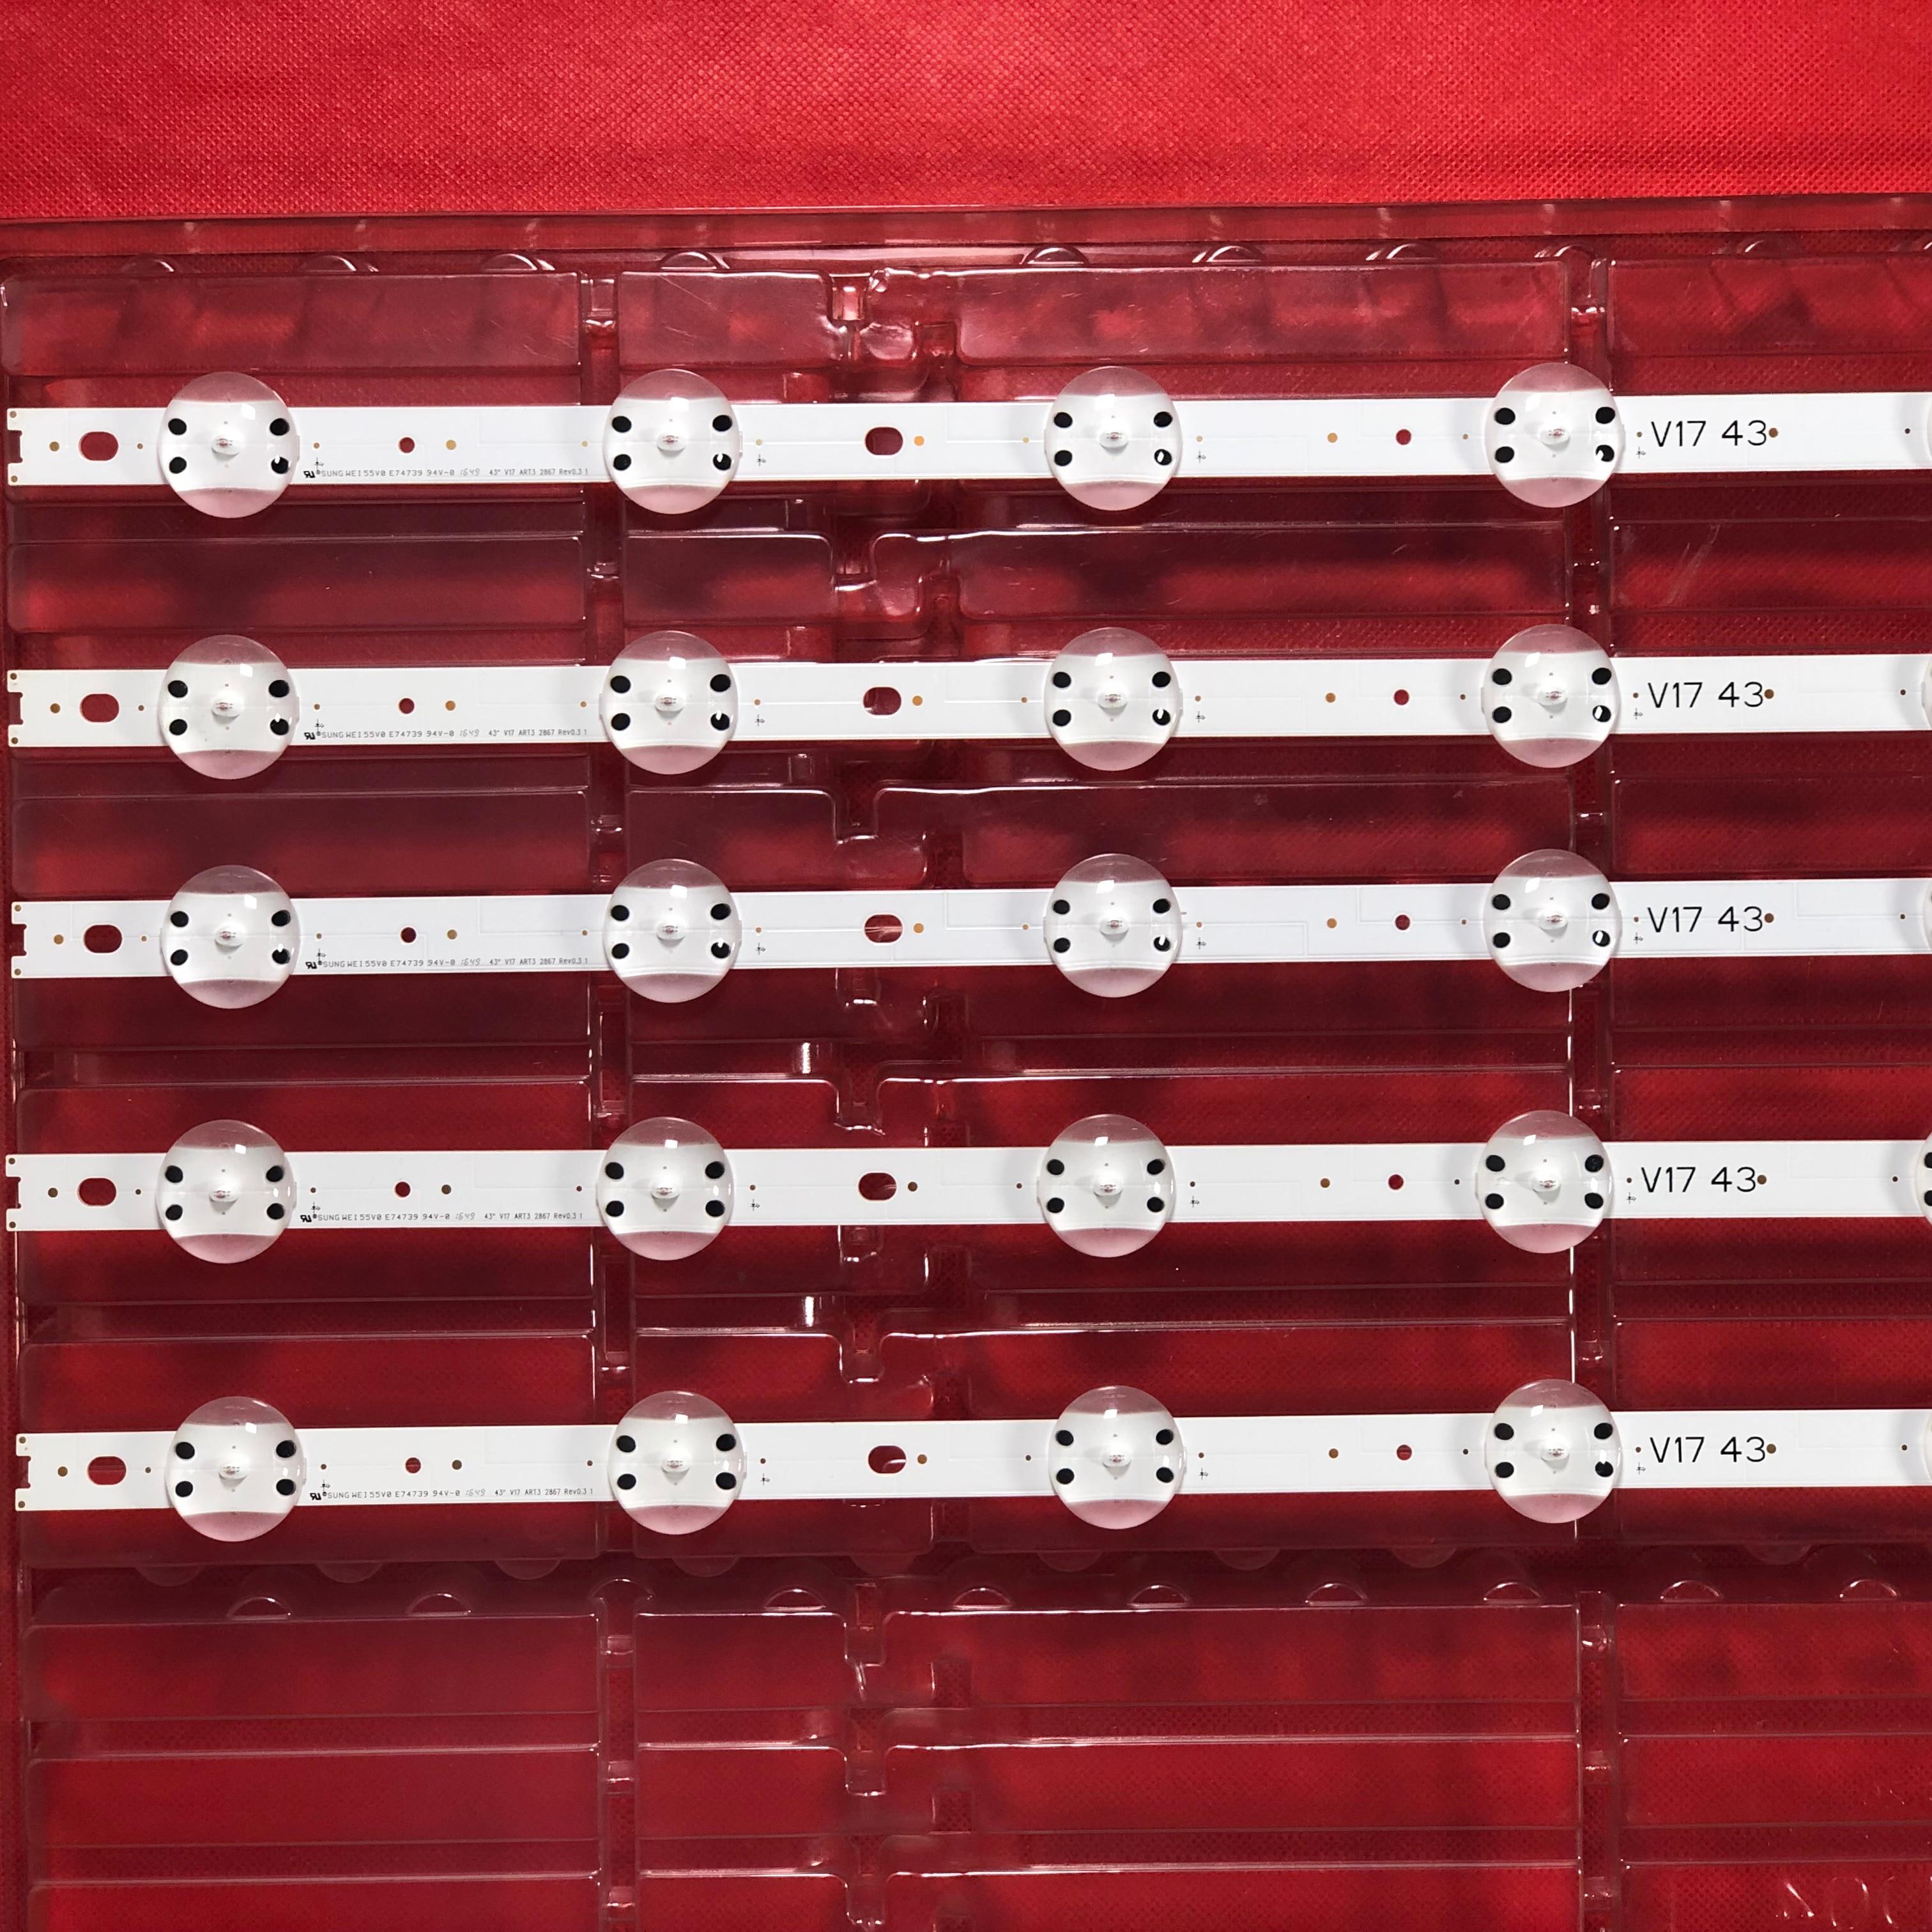 100% New LG 43 Inch LED Backlight Bar 43VH6100-CB 6916L-2867B 6916L-2867A 2867G V17 43 6916L-2744A 6916L-2743A Screen LC430DQE